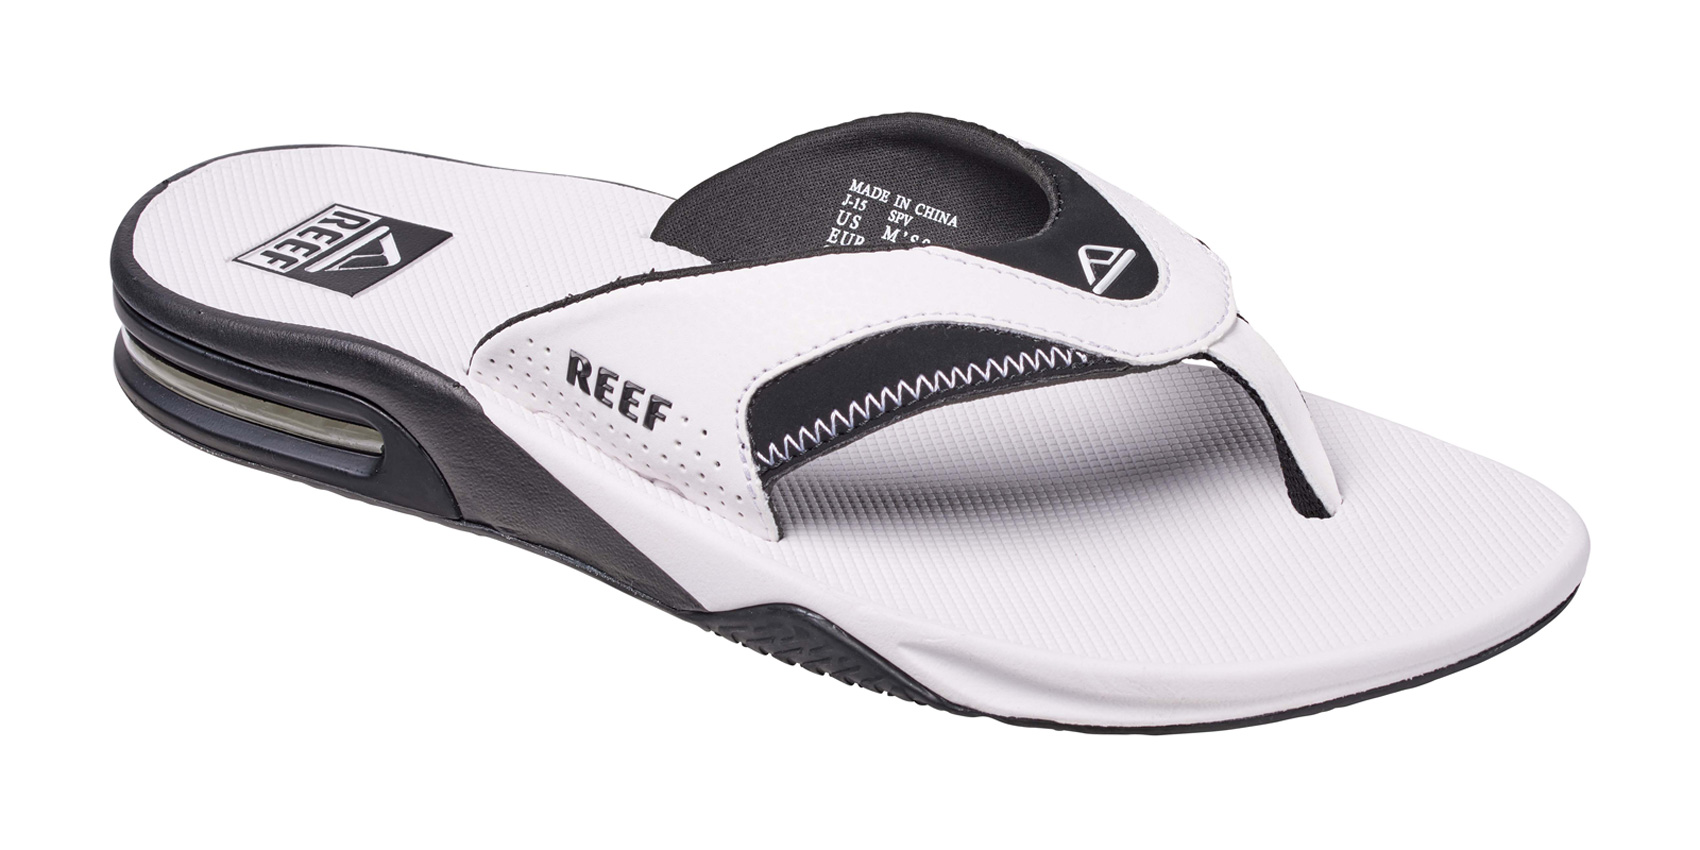 1303708f046c Reef-Sandal-Fanning-Flip-Flops-Mick-Cushioned-Bottle-